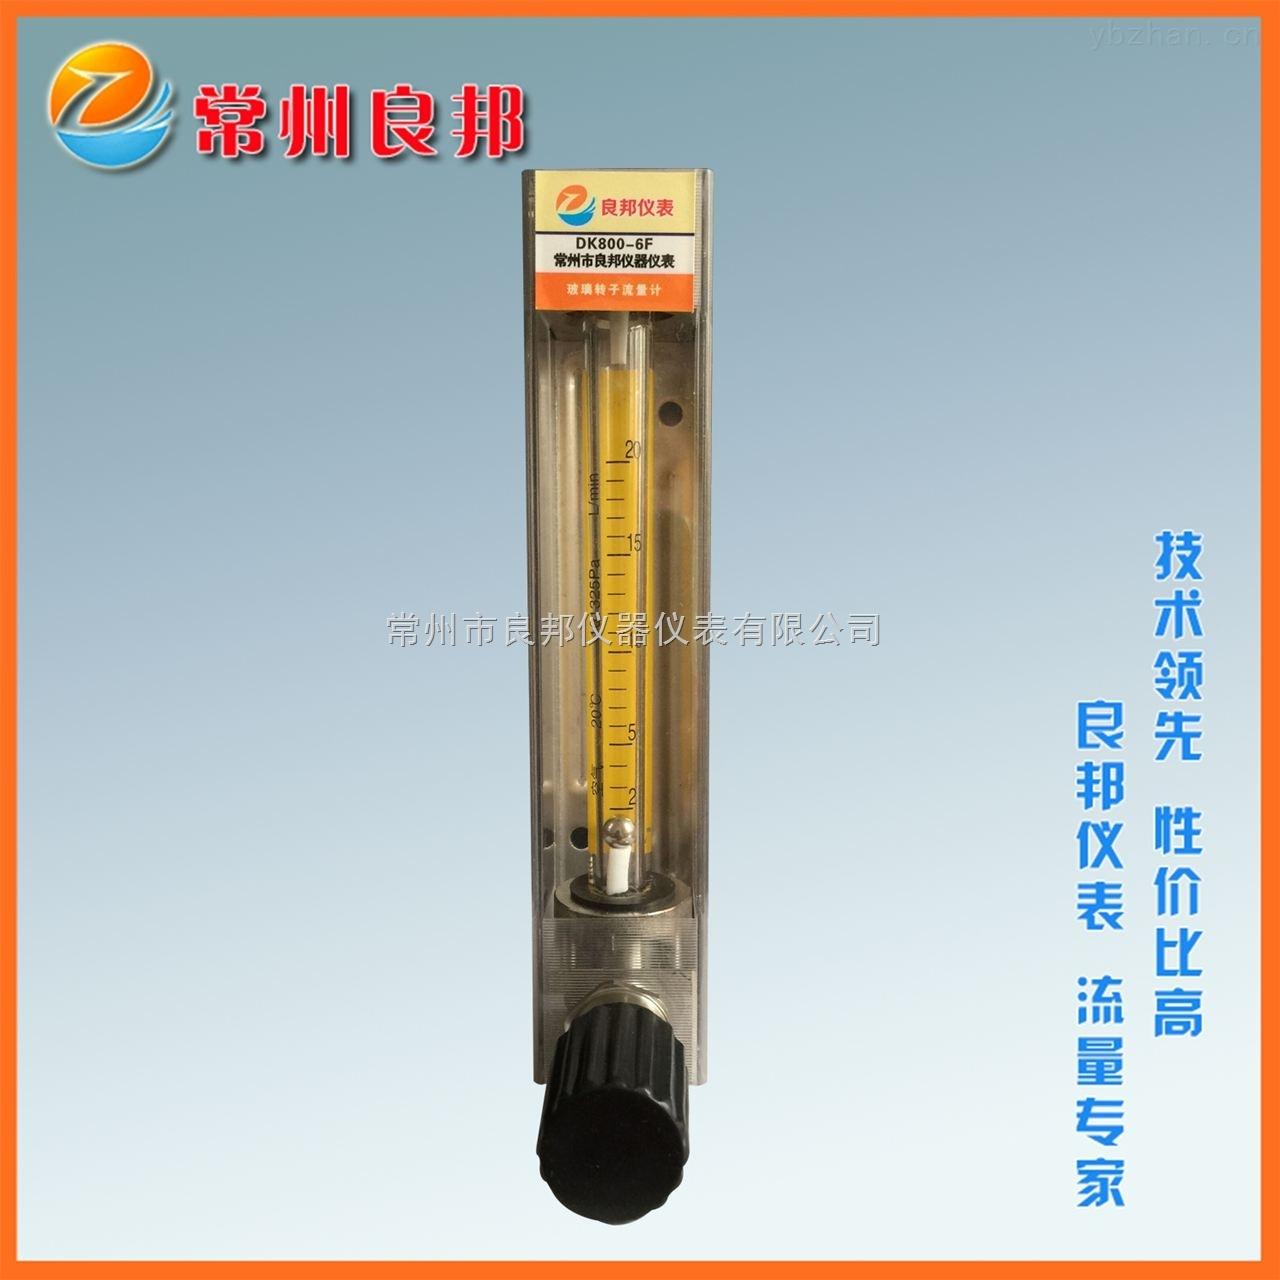 DK800-10F-瓦斯甲醇玻璃轉子流量計專業廠家 熱處理電爐G1/4內絲接頭 質量保證包郵重慶